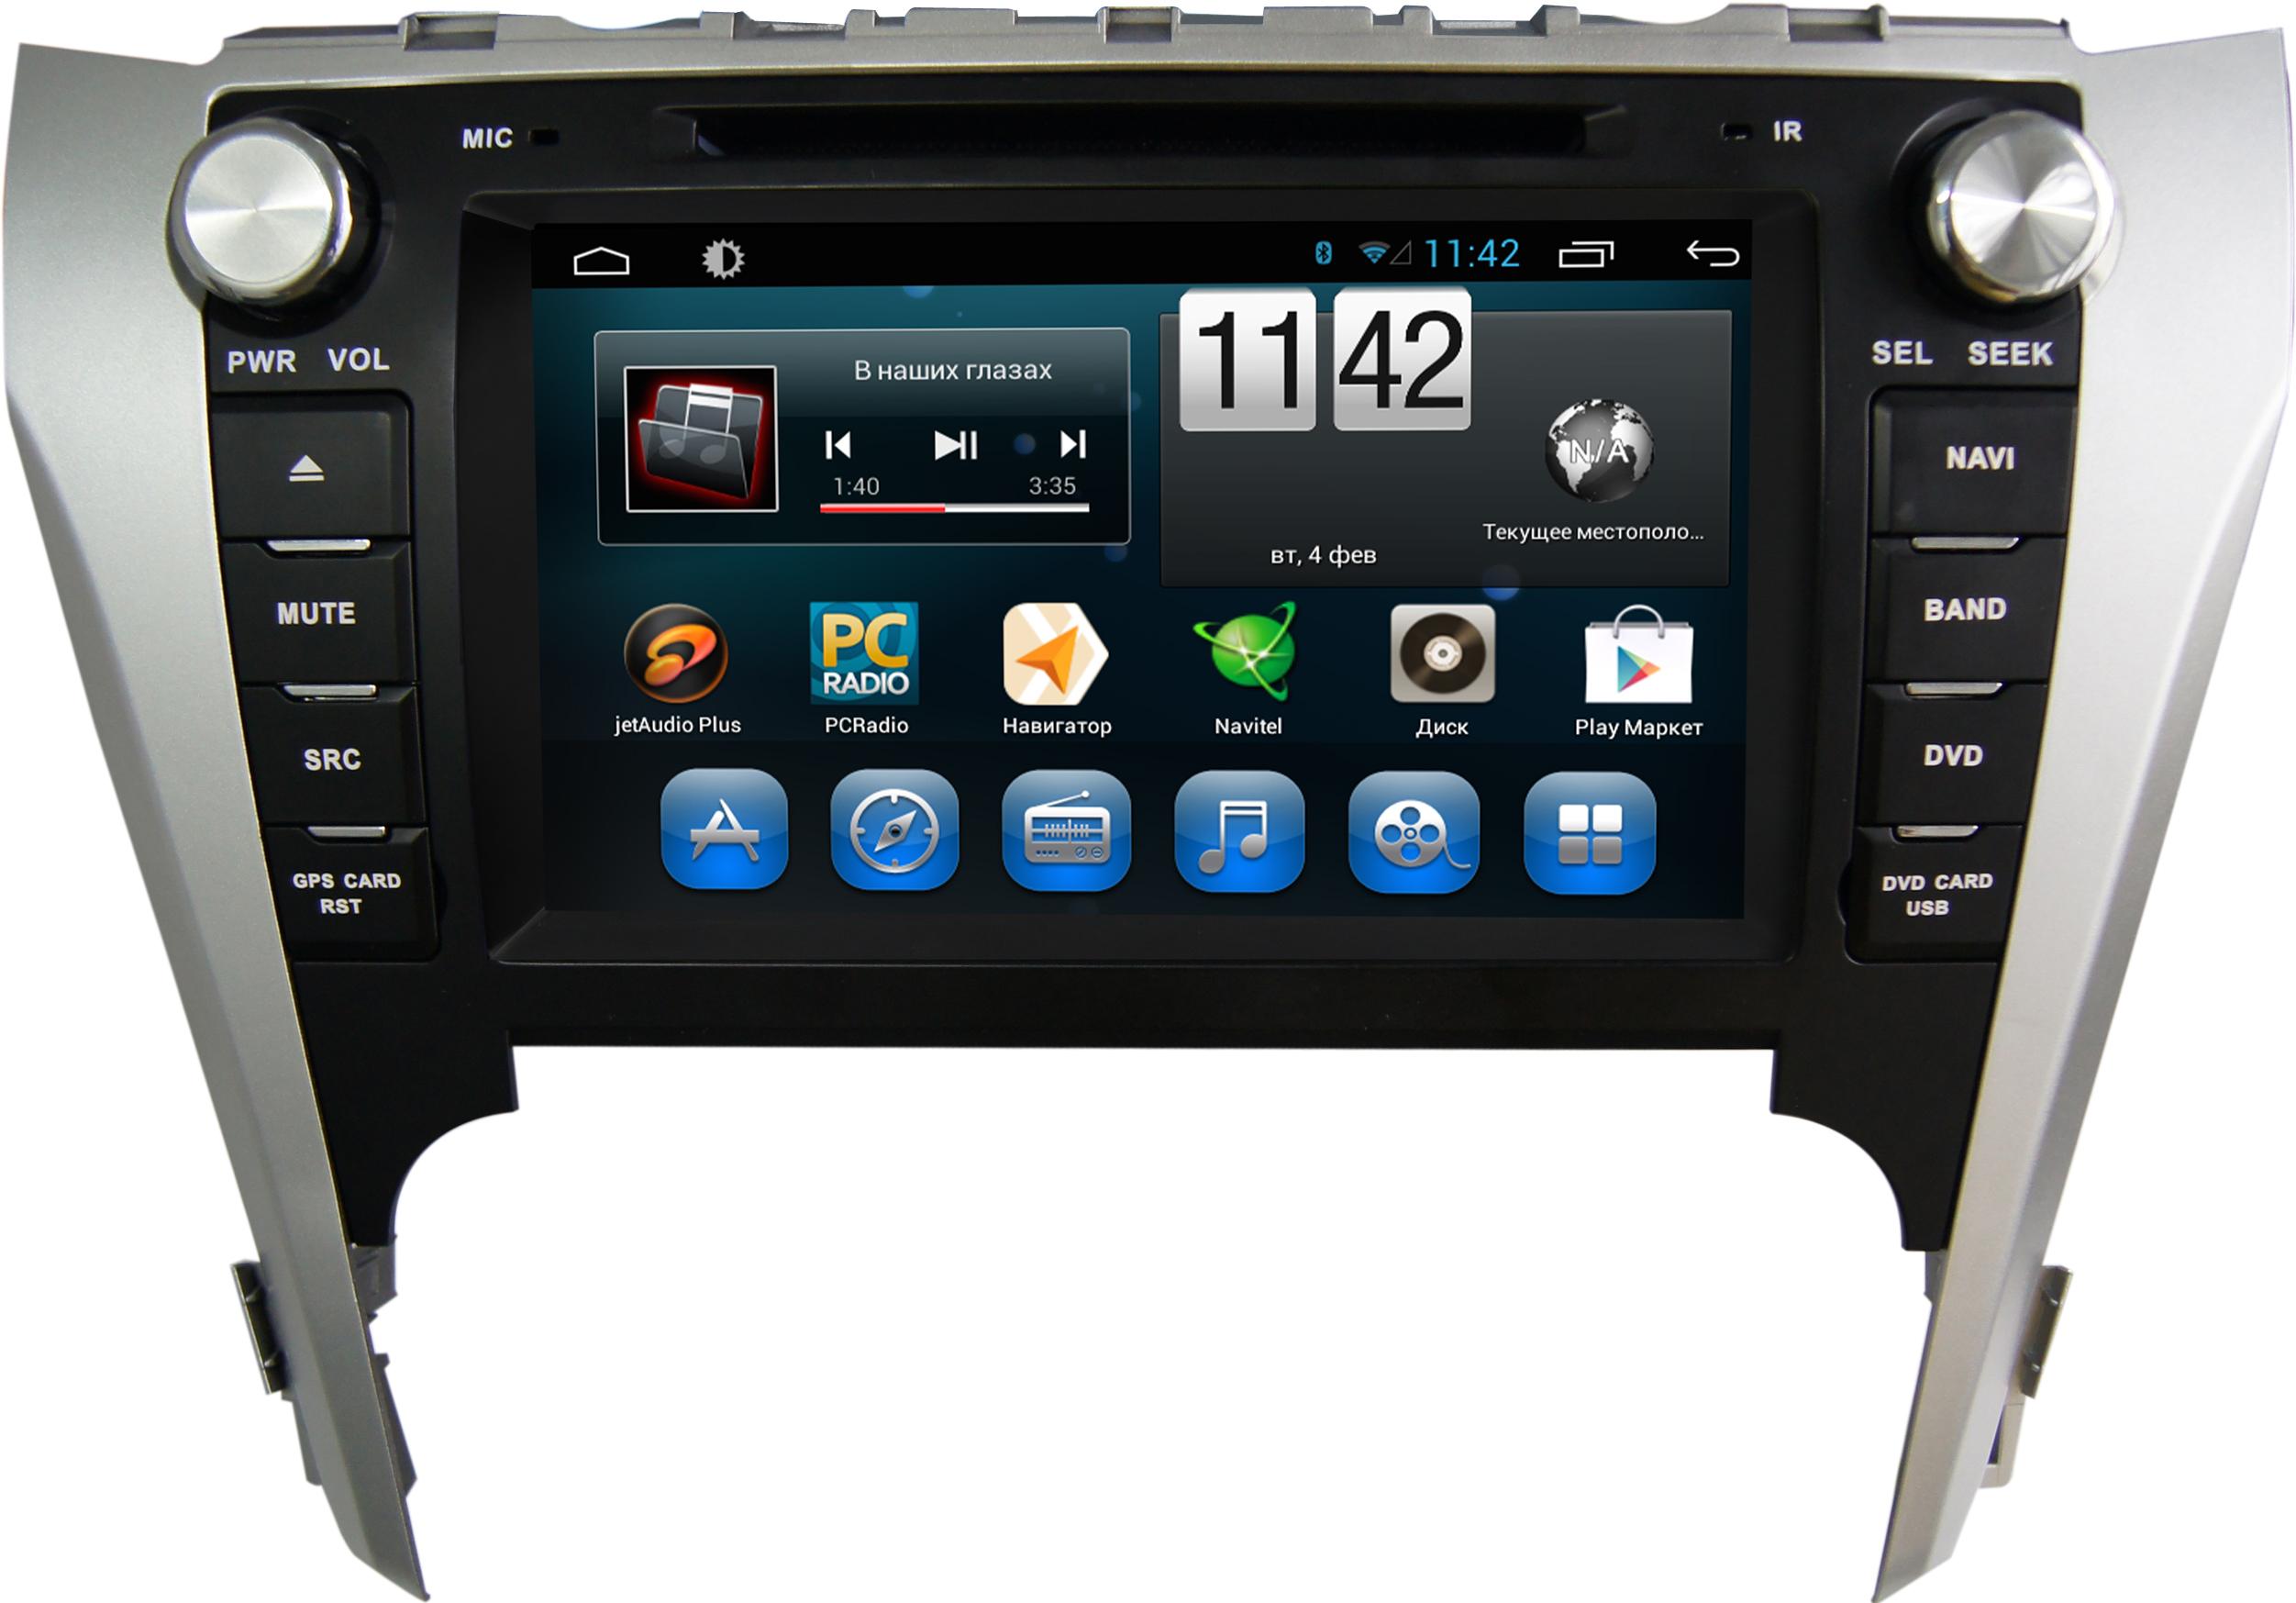 Штатная магнитола CARMEDIA QR-8010-T8 Toyota Camry 2011-2014 (V50) поддержка штатного усилителя и настроек машины на OC Android 7.1.2 / 8.1 штатная магнитола carmedia nm px004 camry 11 2011 v50 v55